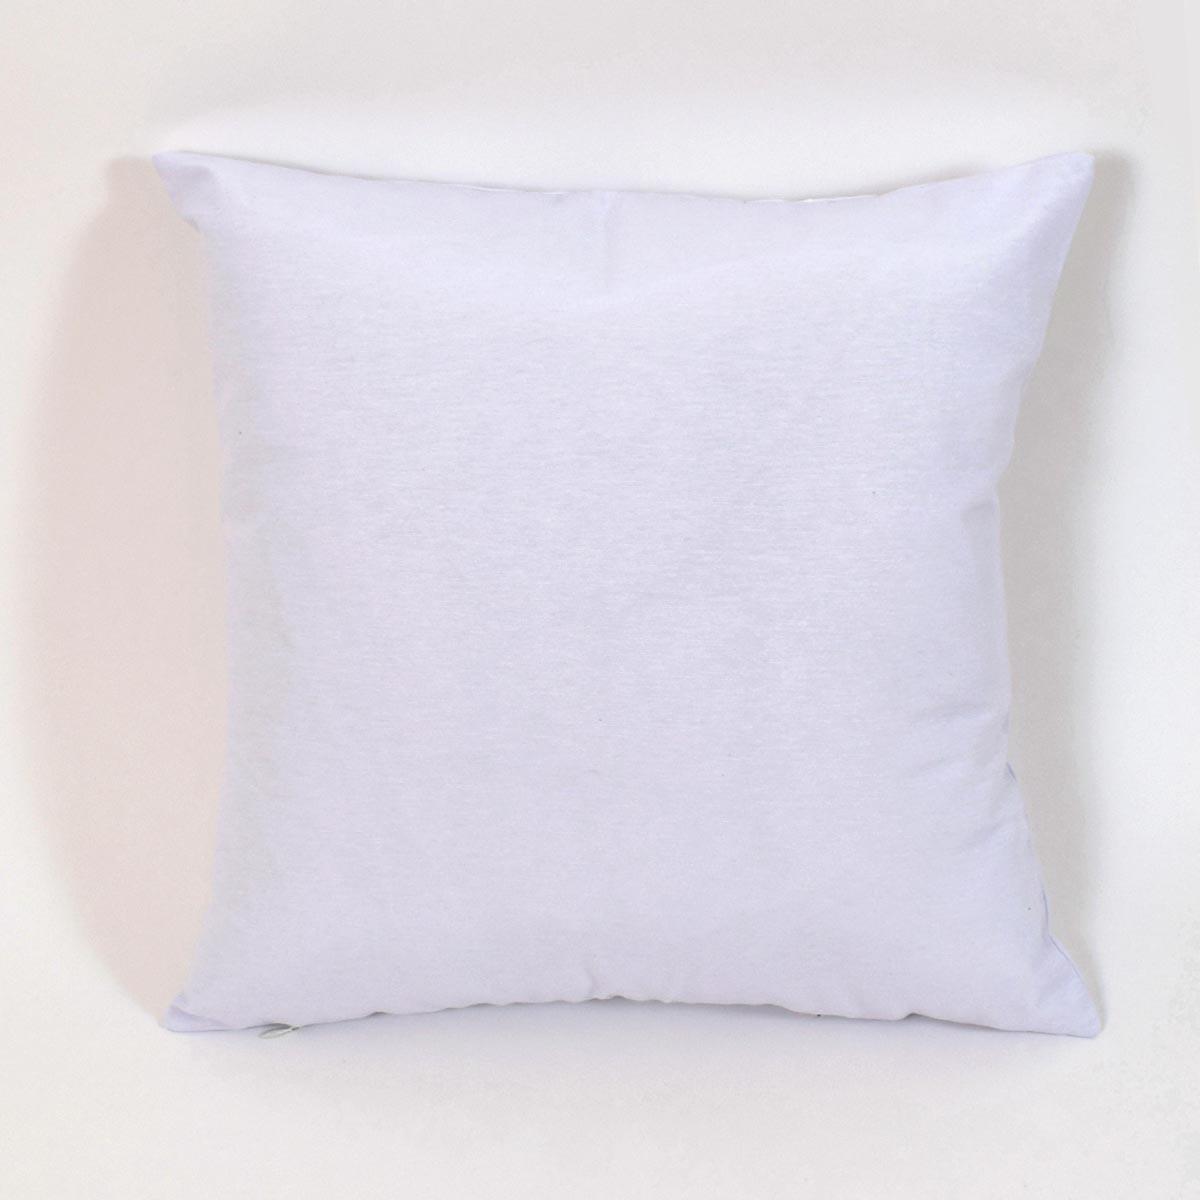 Διακοσμητική Μαξιλαροθήκη (45x45) Paleta Blanco